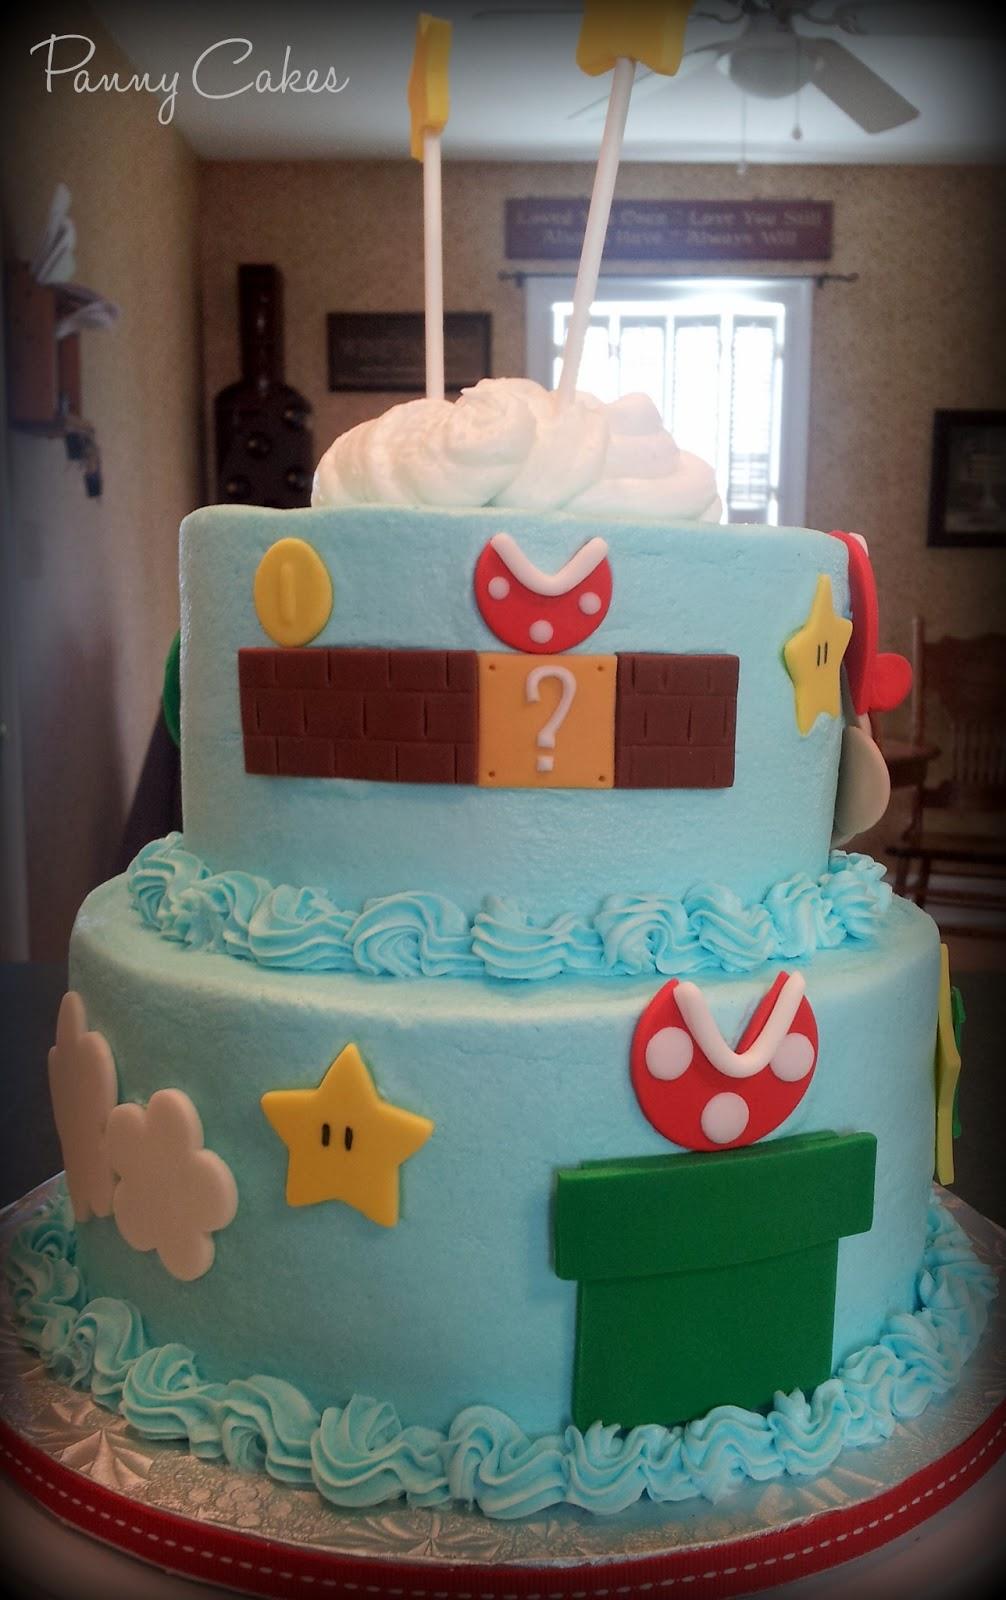 Panny Cakes Mario Brothers Cake Cupcakes